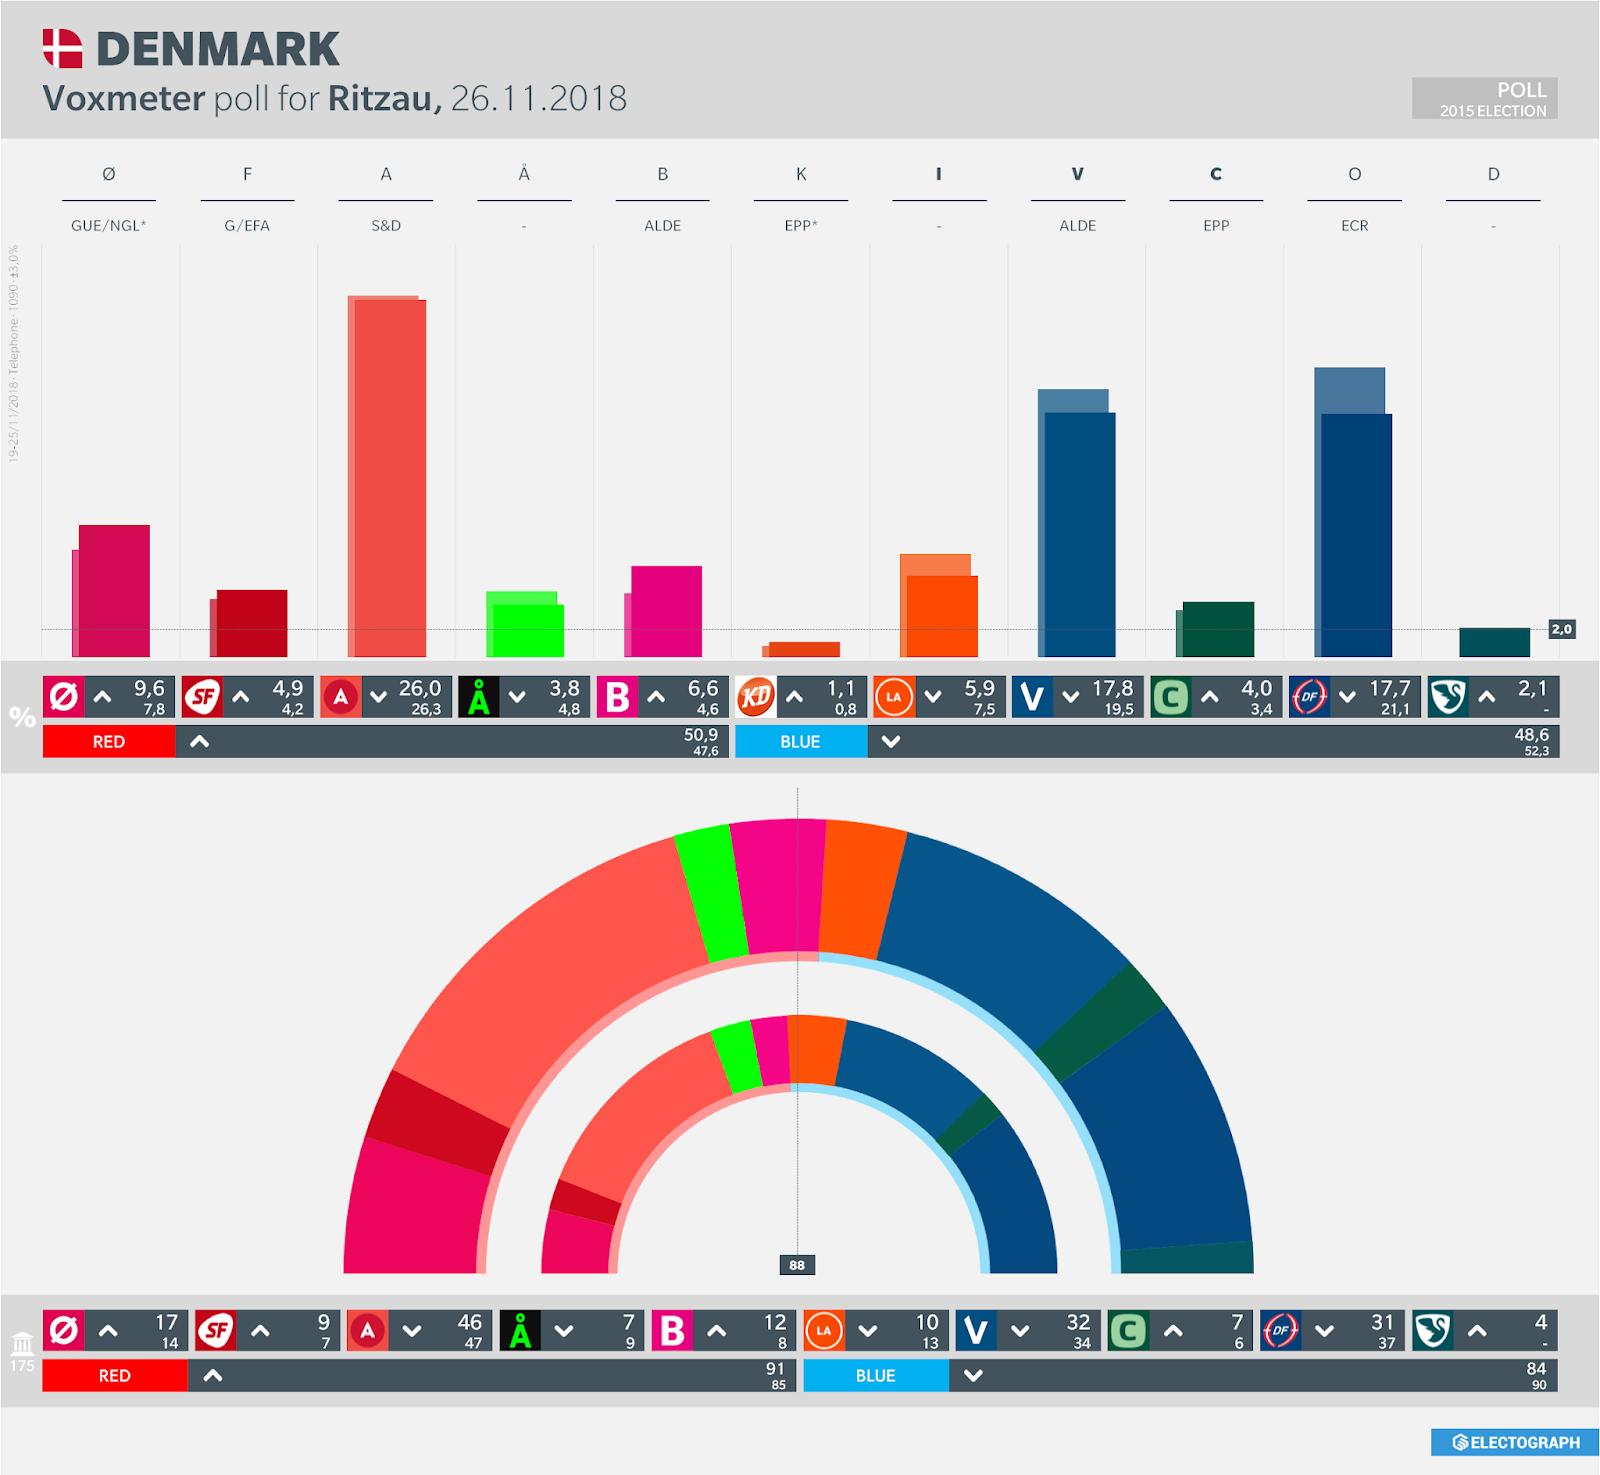 DENMARK: Voxmeter poll chart for Ritzau, 26 November 2018